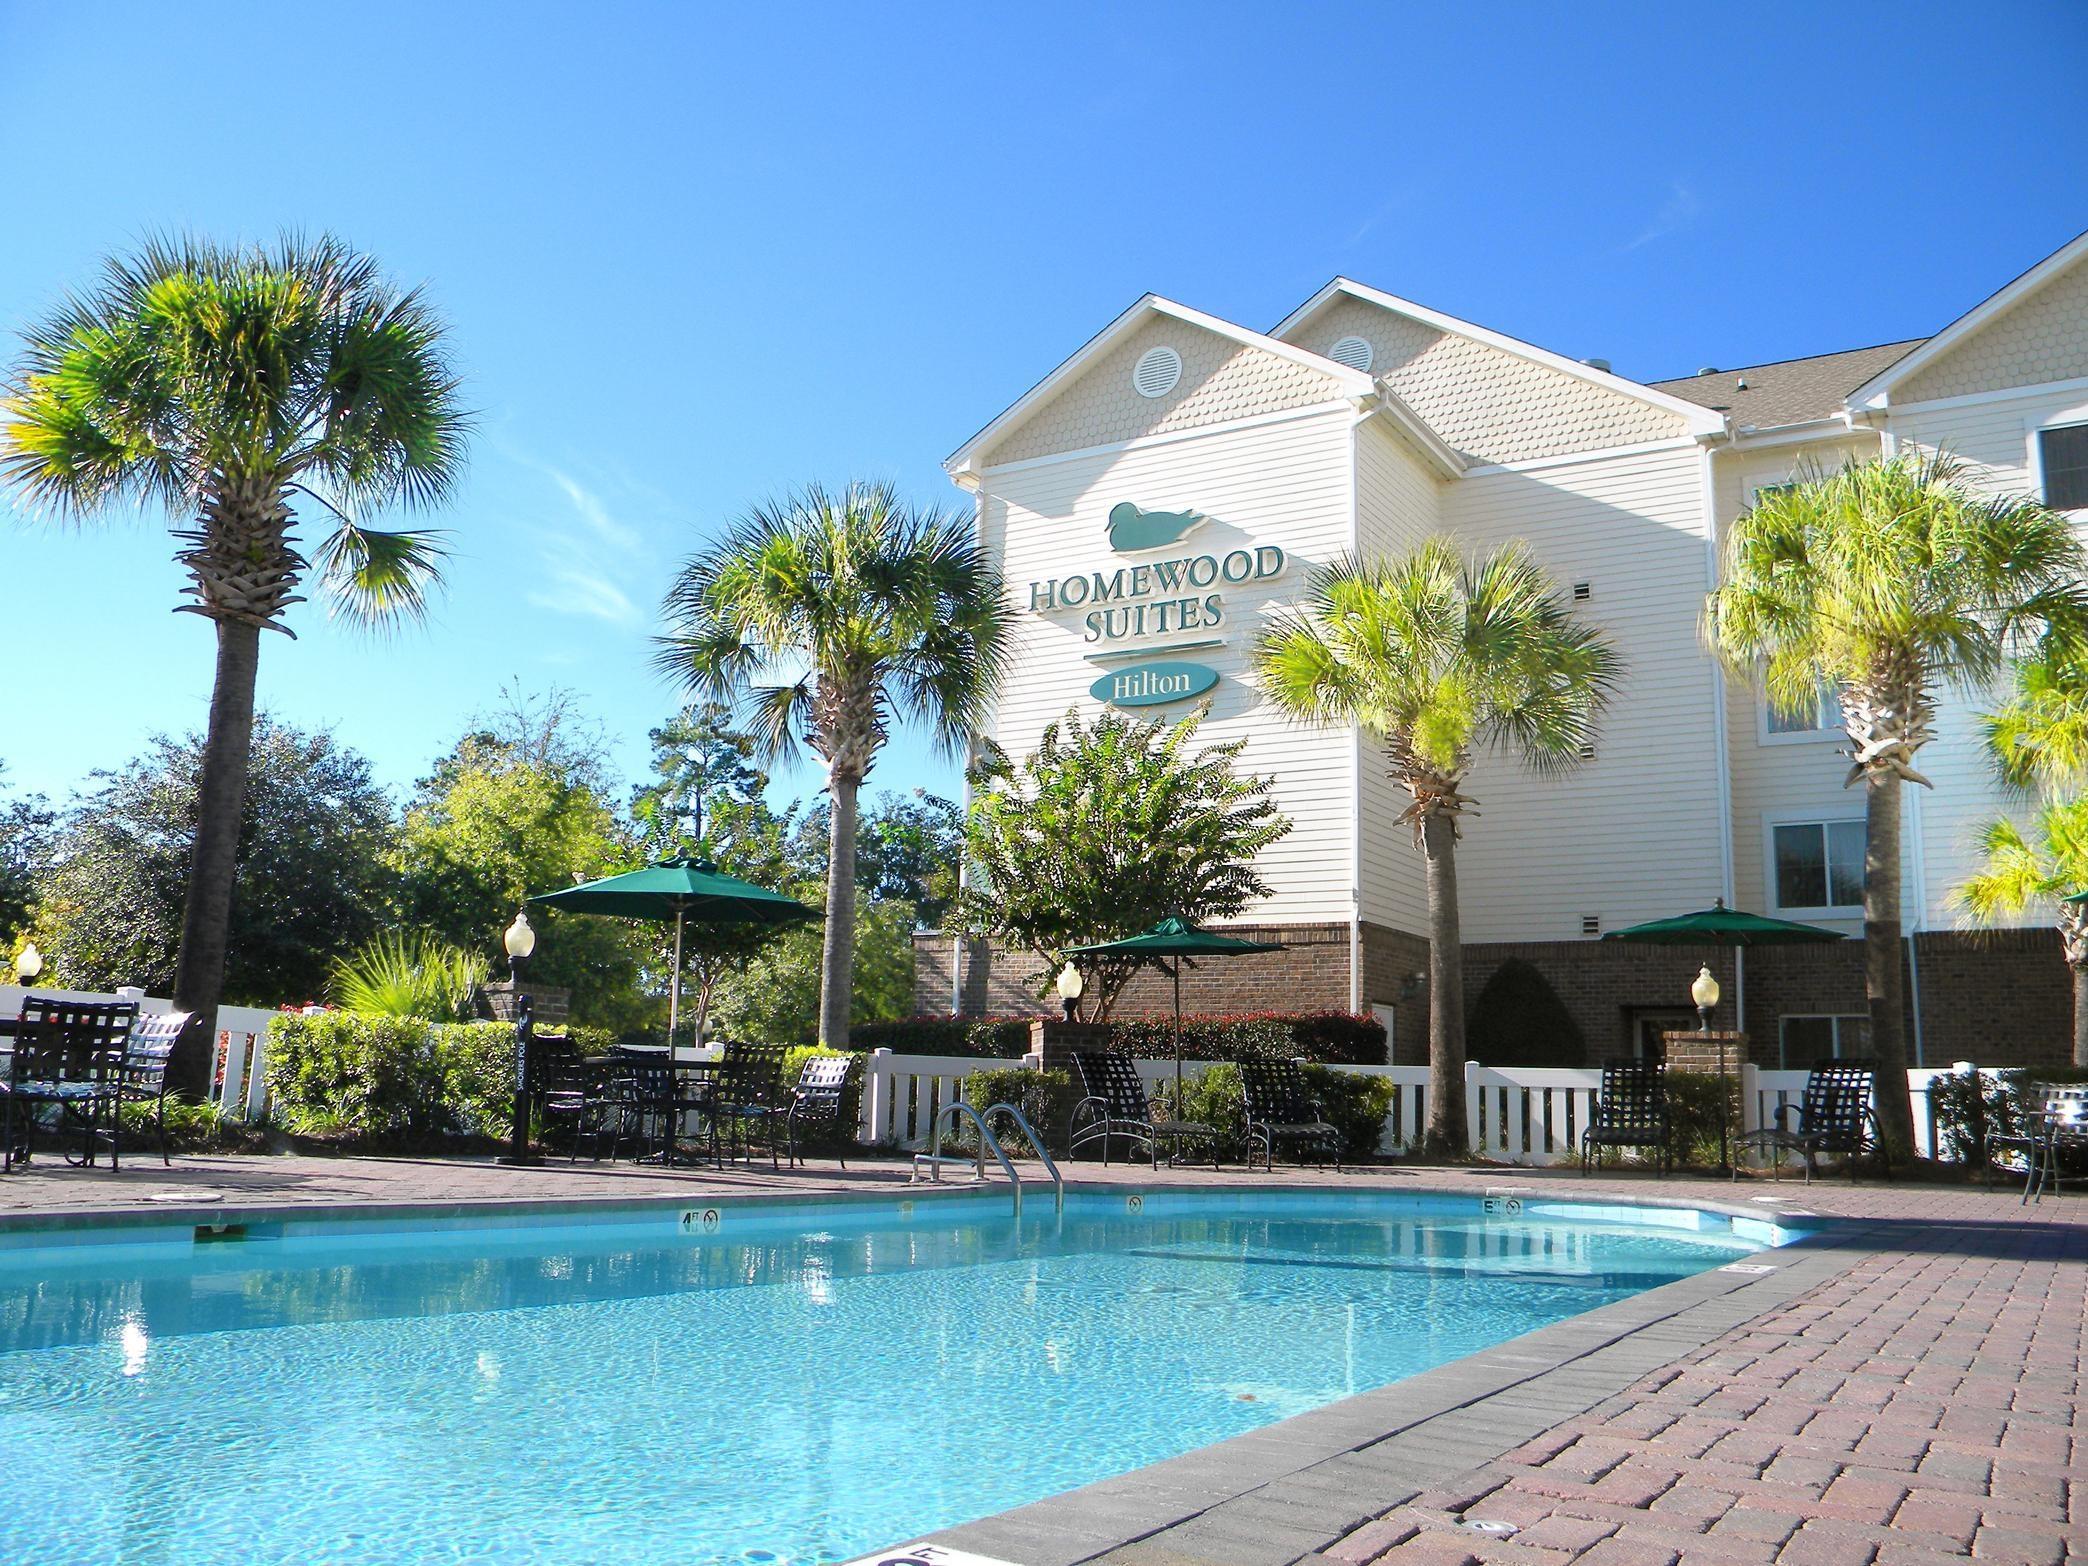 Homewood Suites by Hilton Charleston - Mt. Pleasant image 2